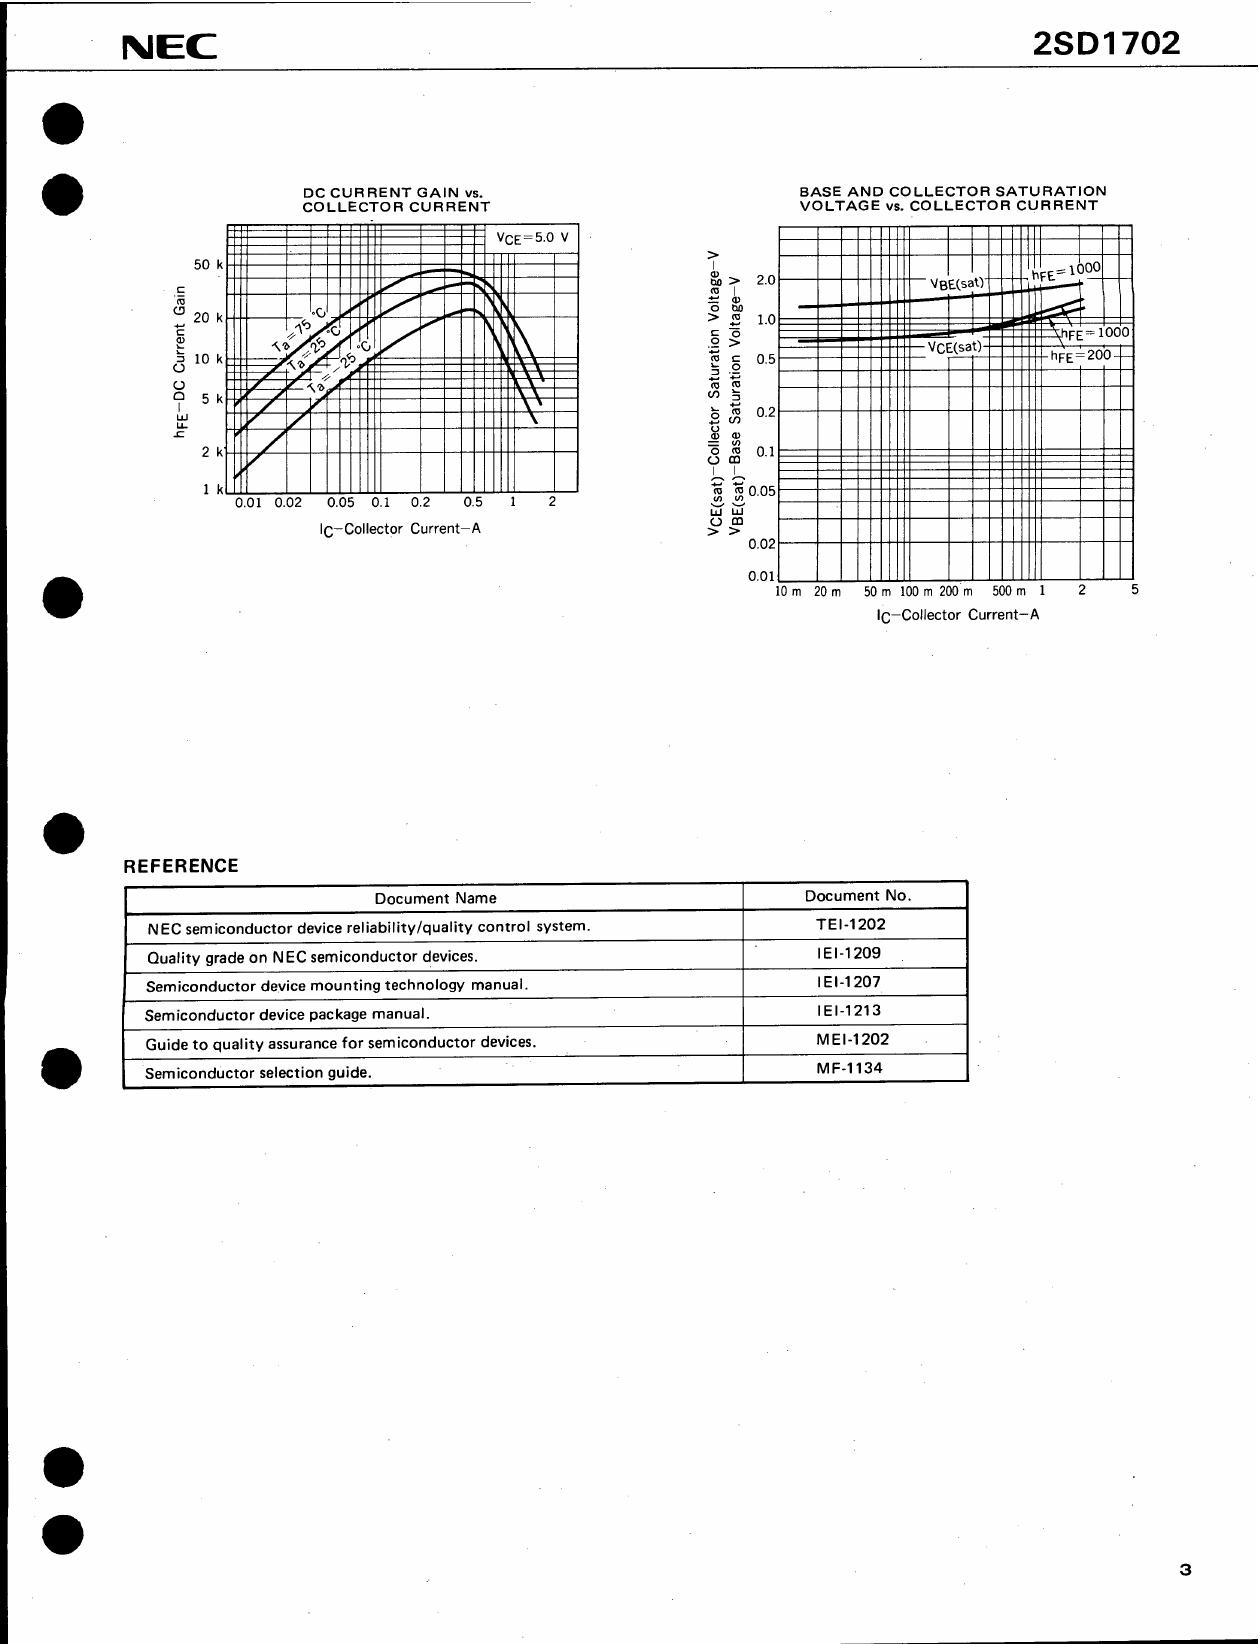 D1702 pdf, 電子部品, 半導体, ピン配列